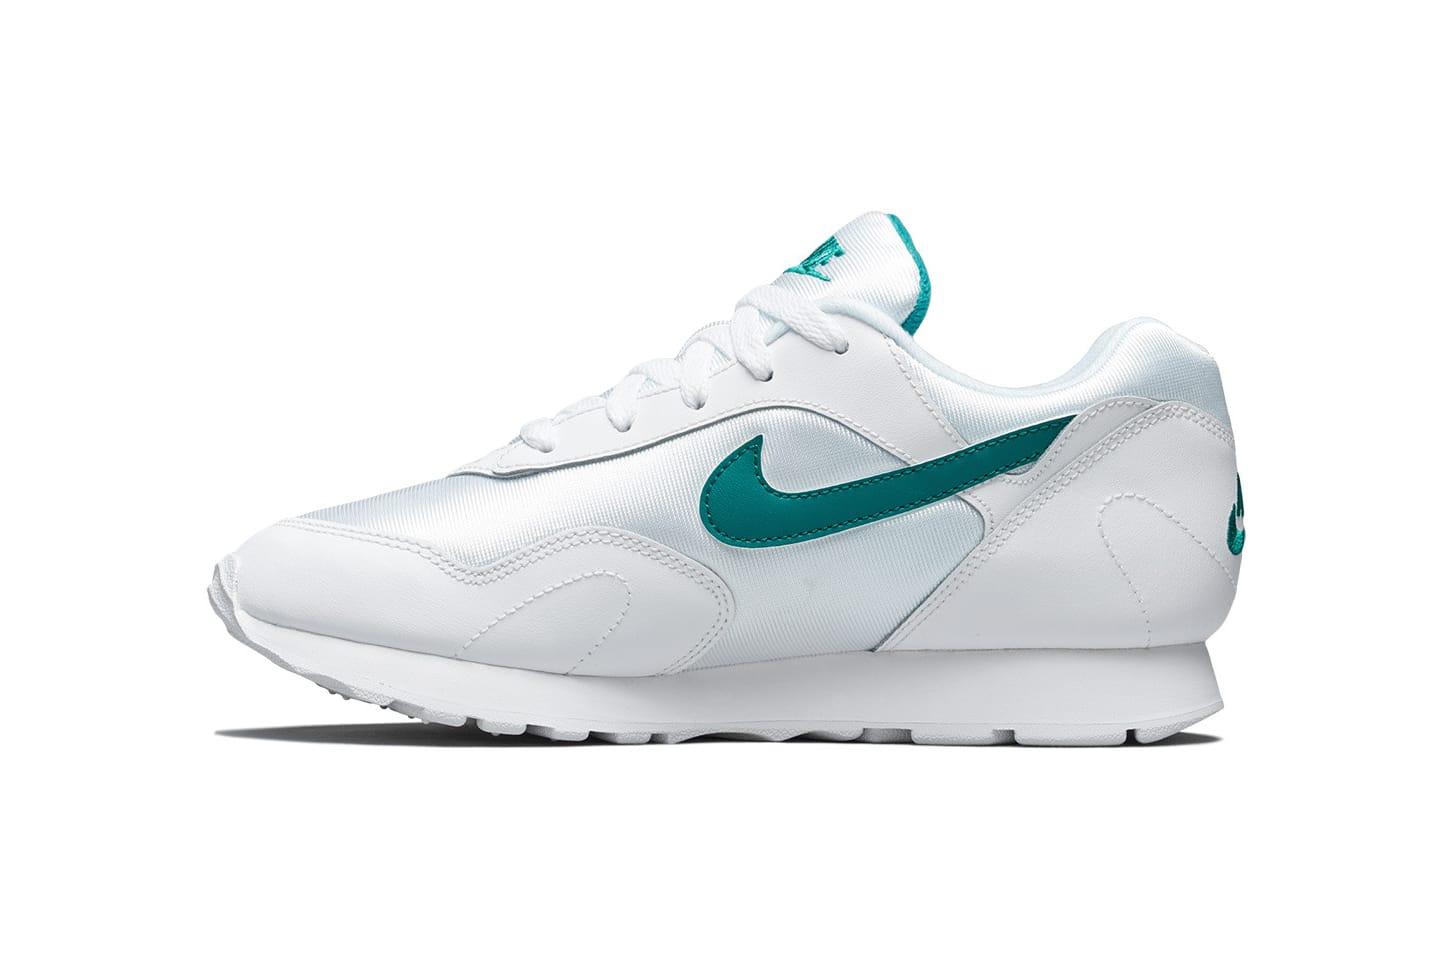 Nike Outburst OG 2018 Retro   HYPEBEAST